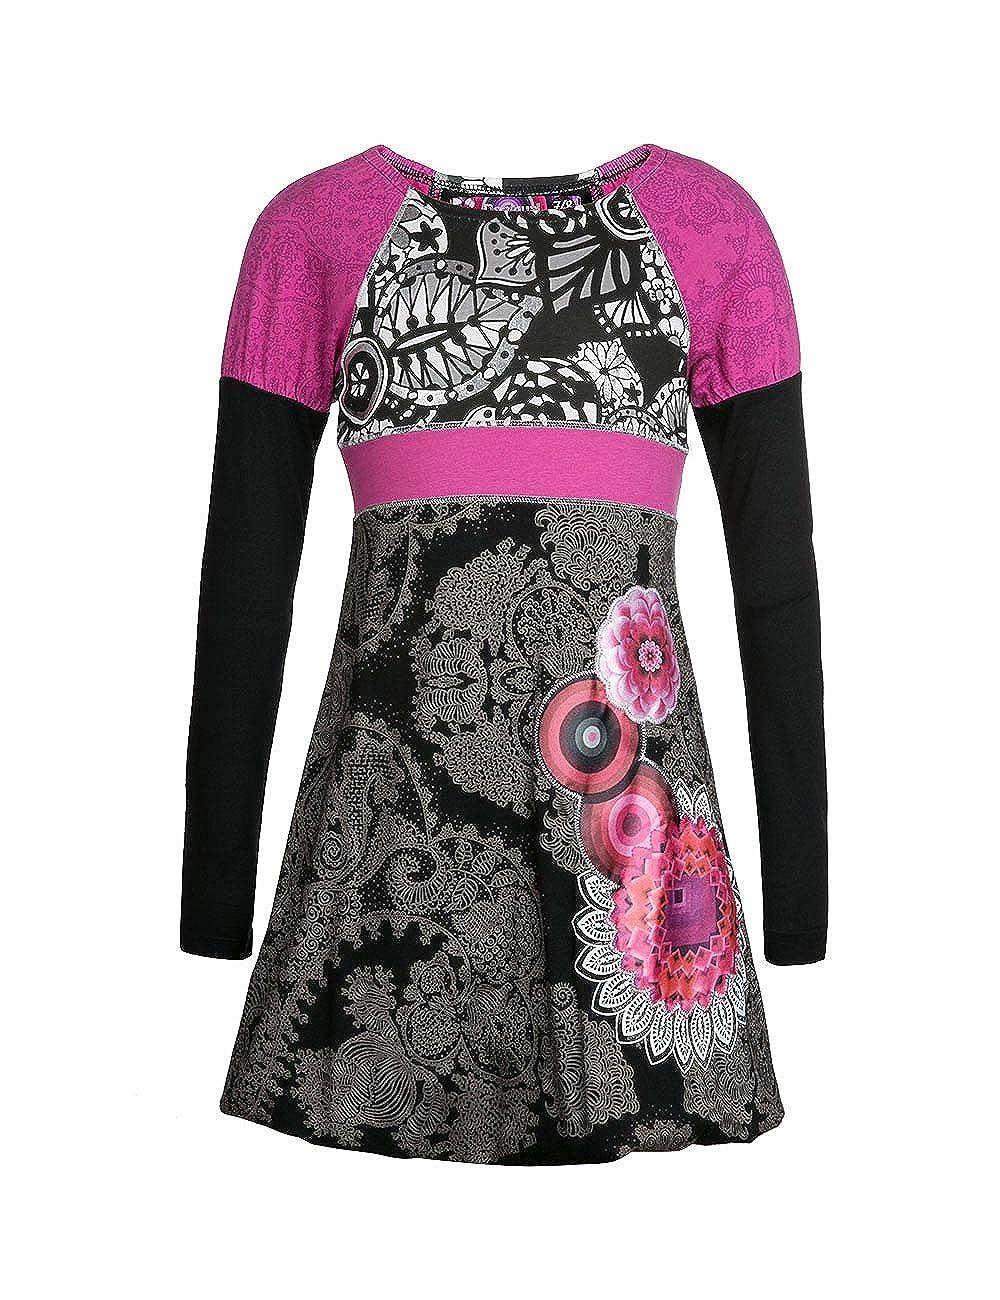 Desigual VEST_YAUNDÉ - Vestido para niñas, color negro 2000, talla 11/12 años (152 cm): Amazon.es: Ropa y accesorios